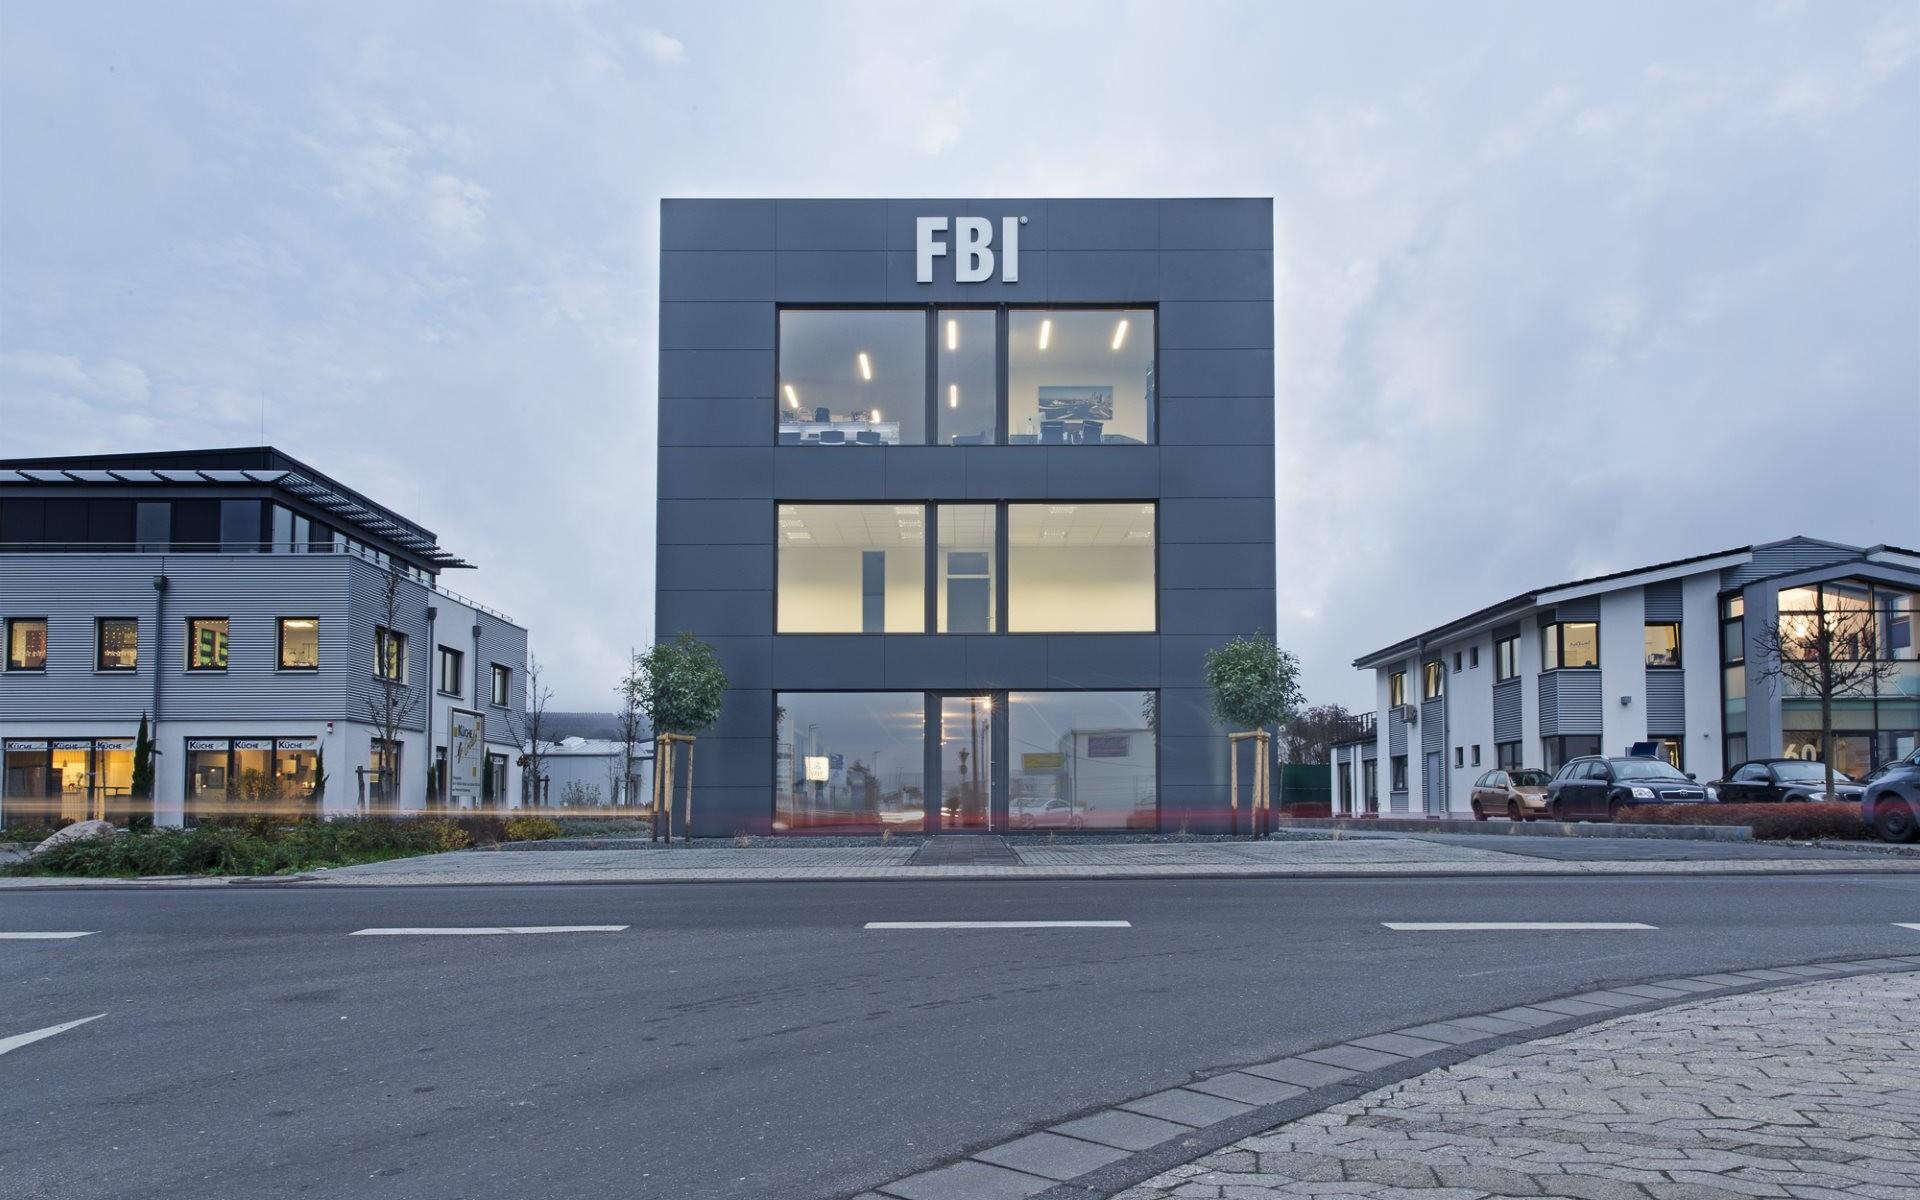 FBI Gebäude frontal 2000pxa